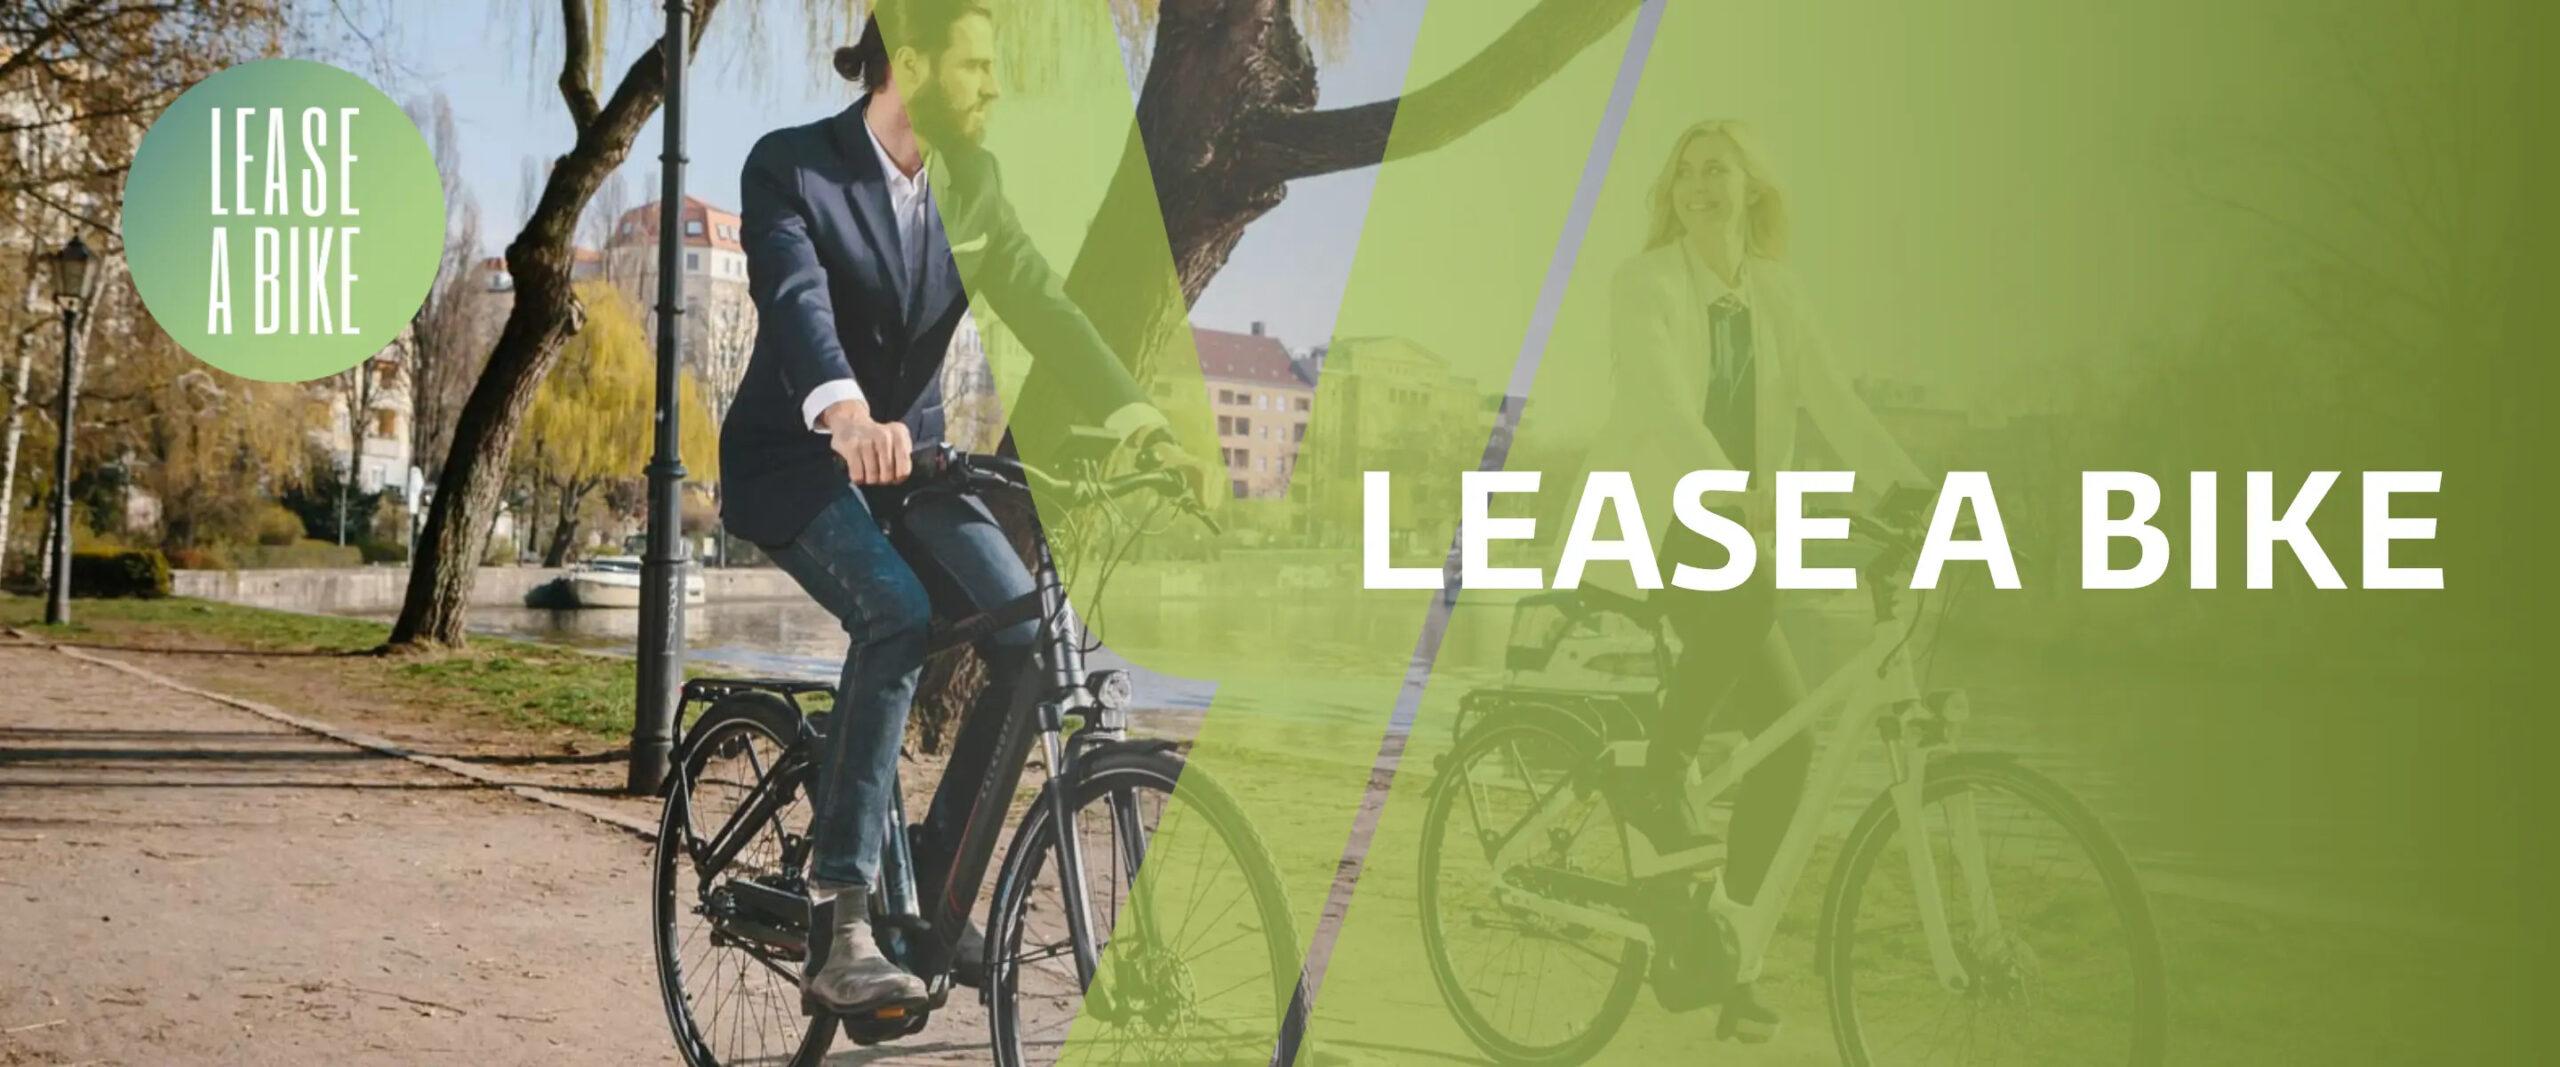 leaseabike